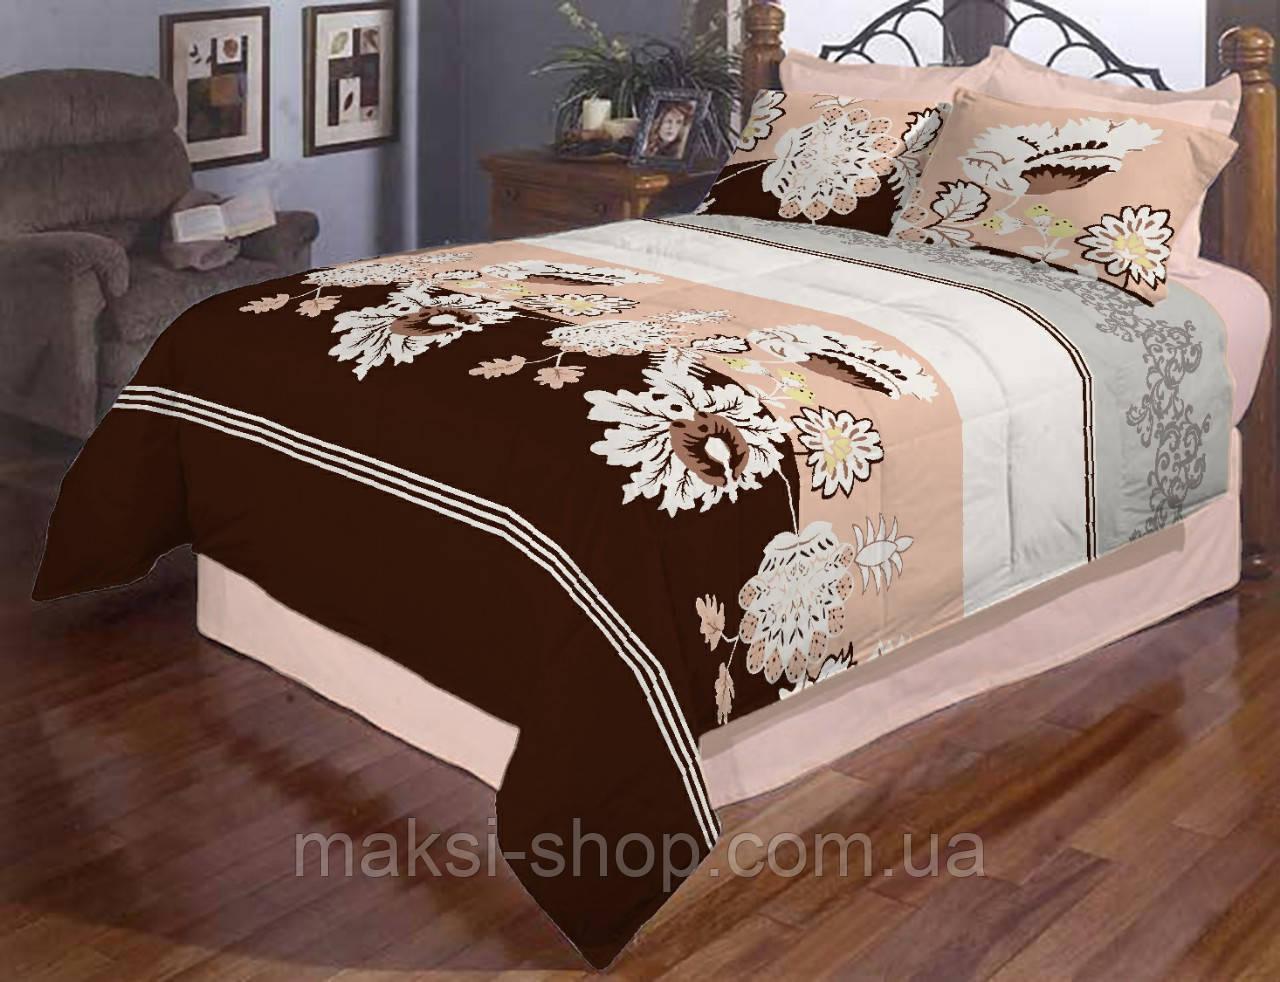 Комплект семейного постельного белья бязь голд (С-0270)